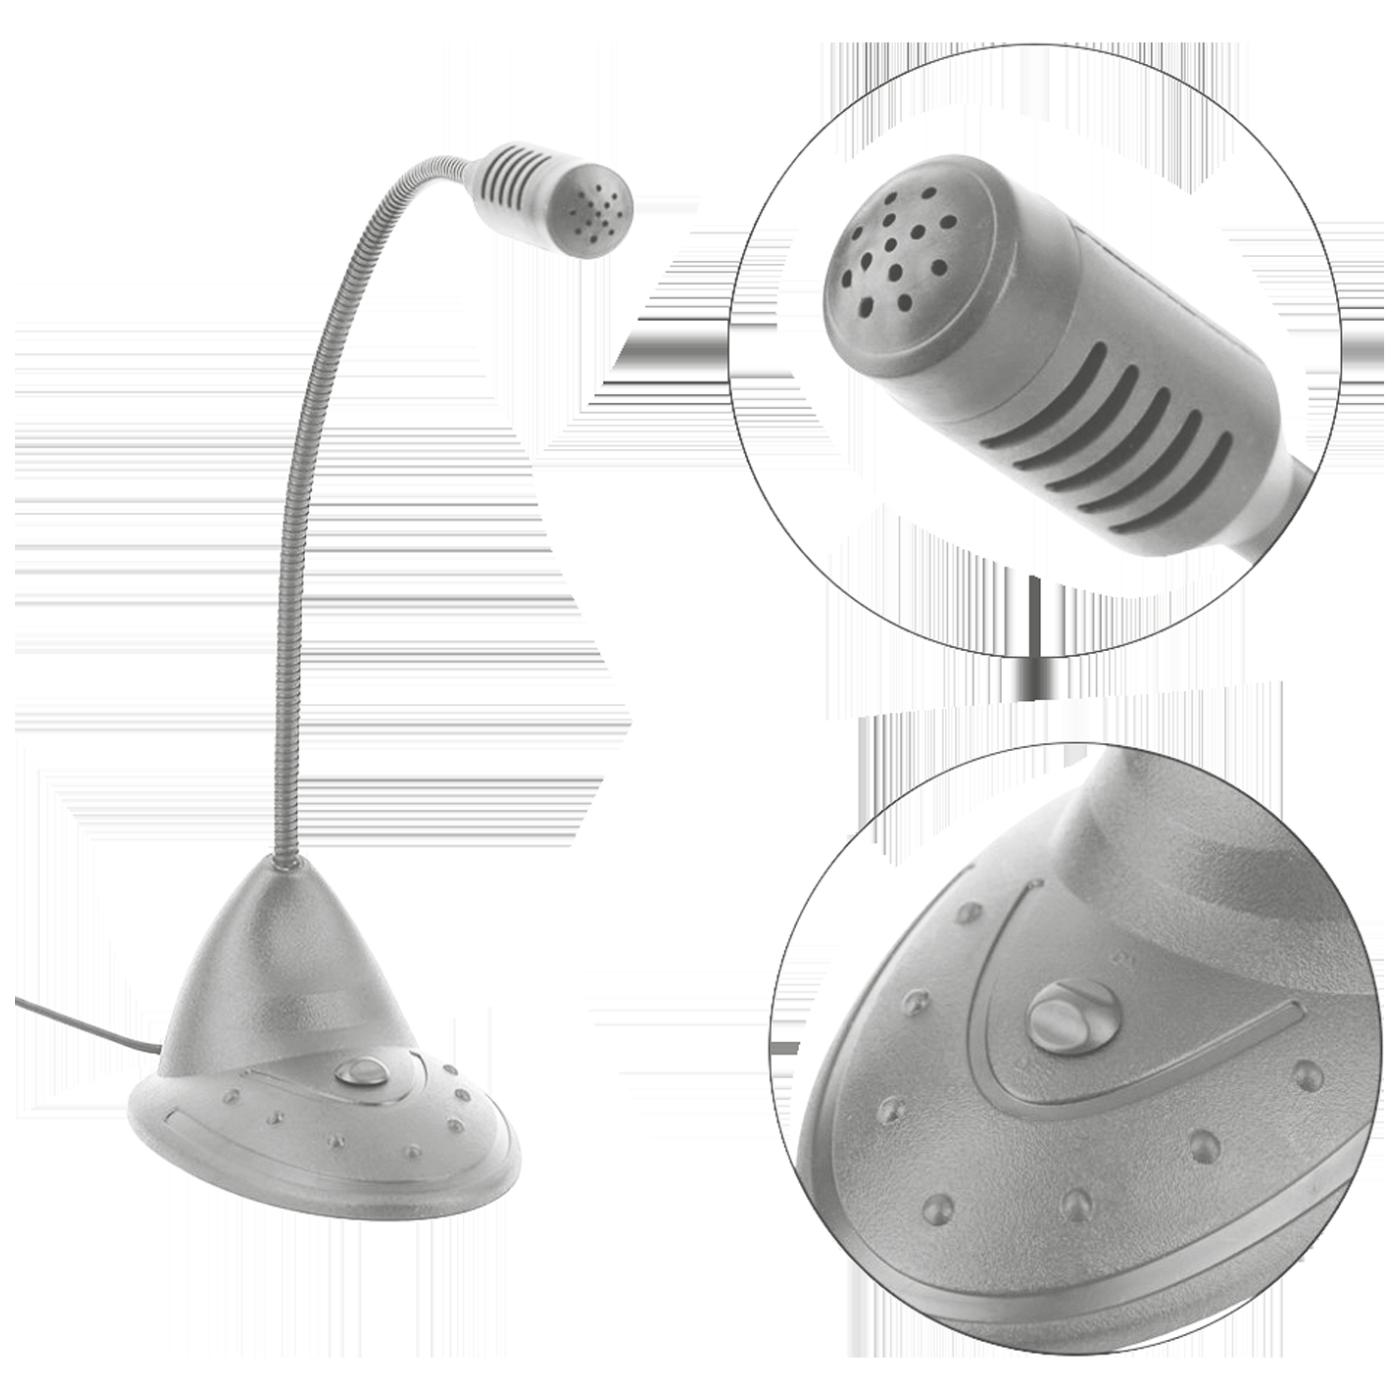 Mikrofon za PC sa postoljem, konekcija Jack 3,5mm